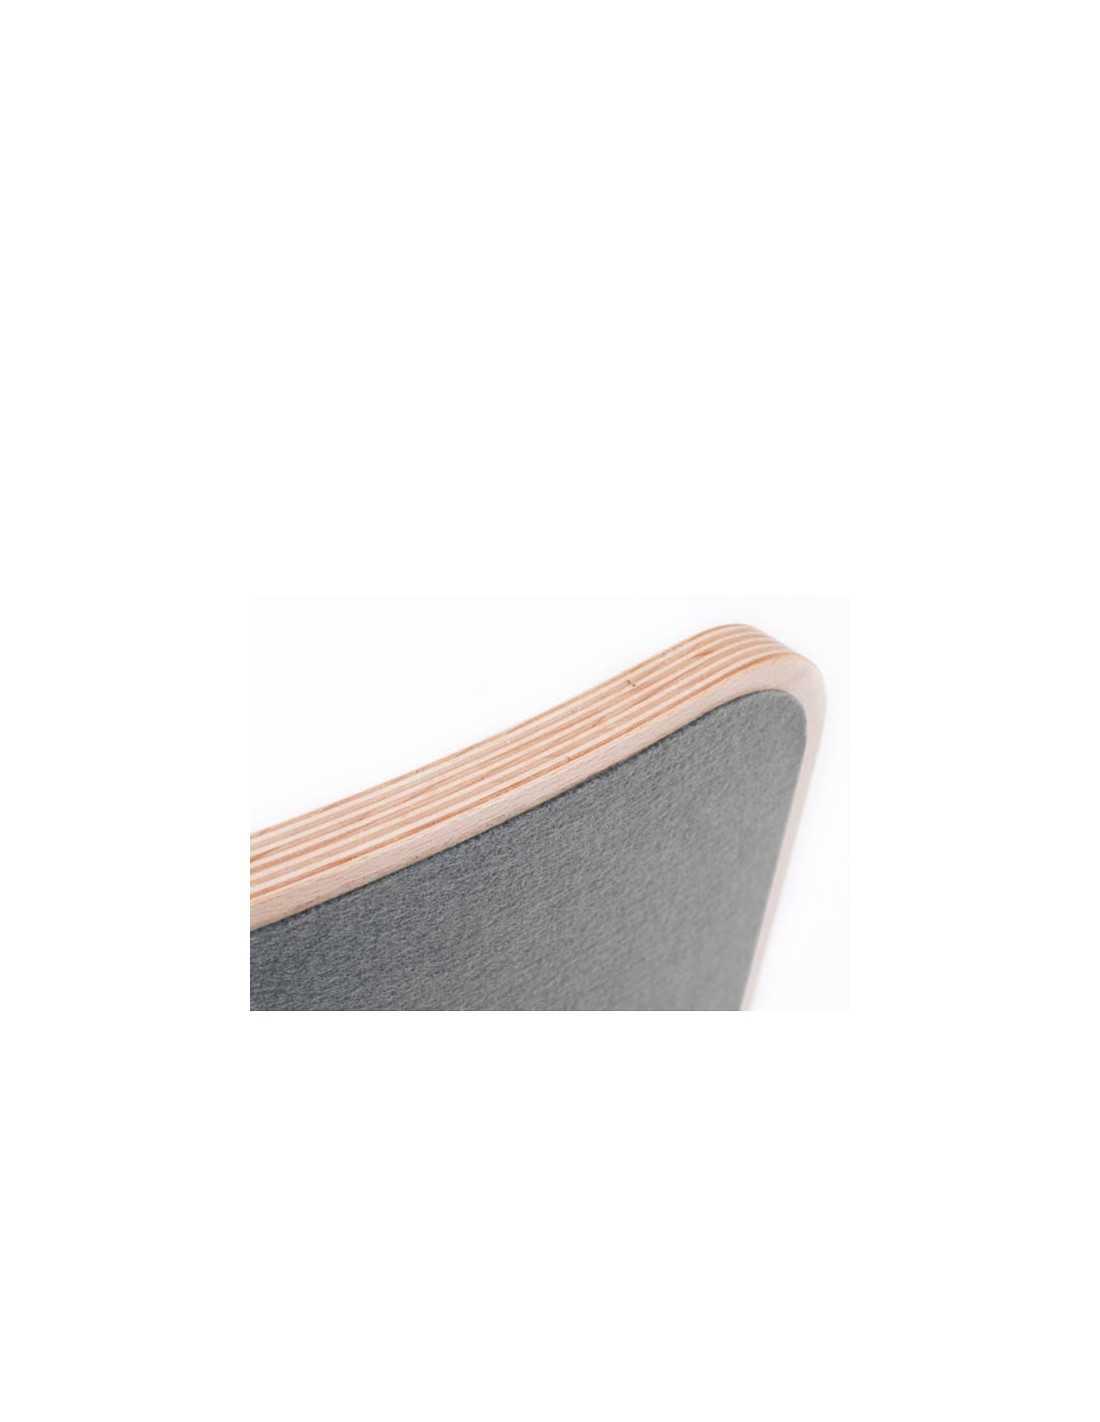 wobbel planche d 39 quilibre en bois laqu gris anthracite